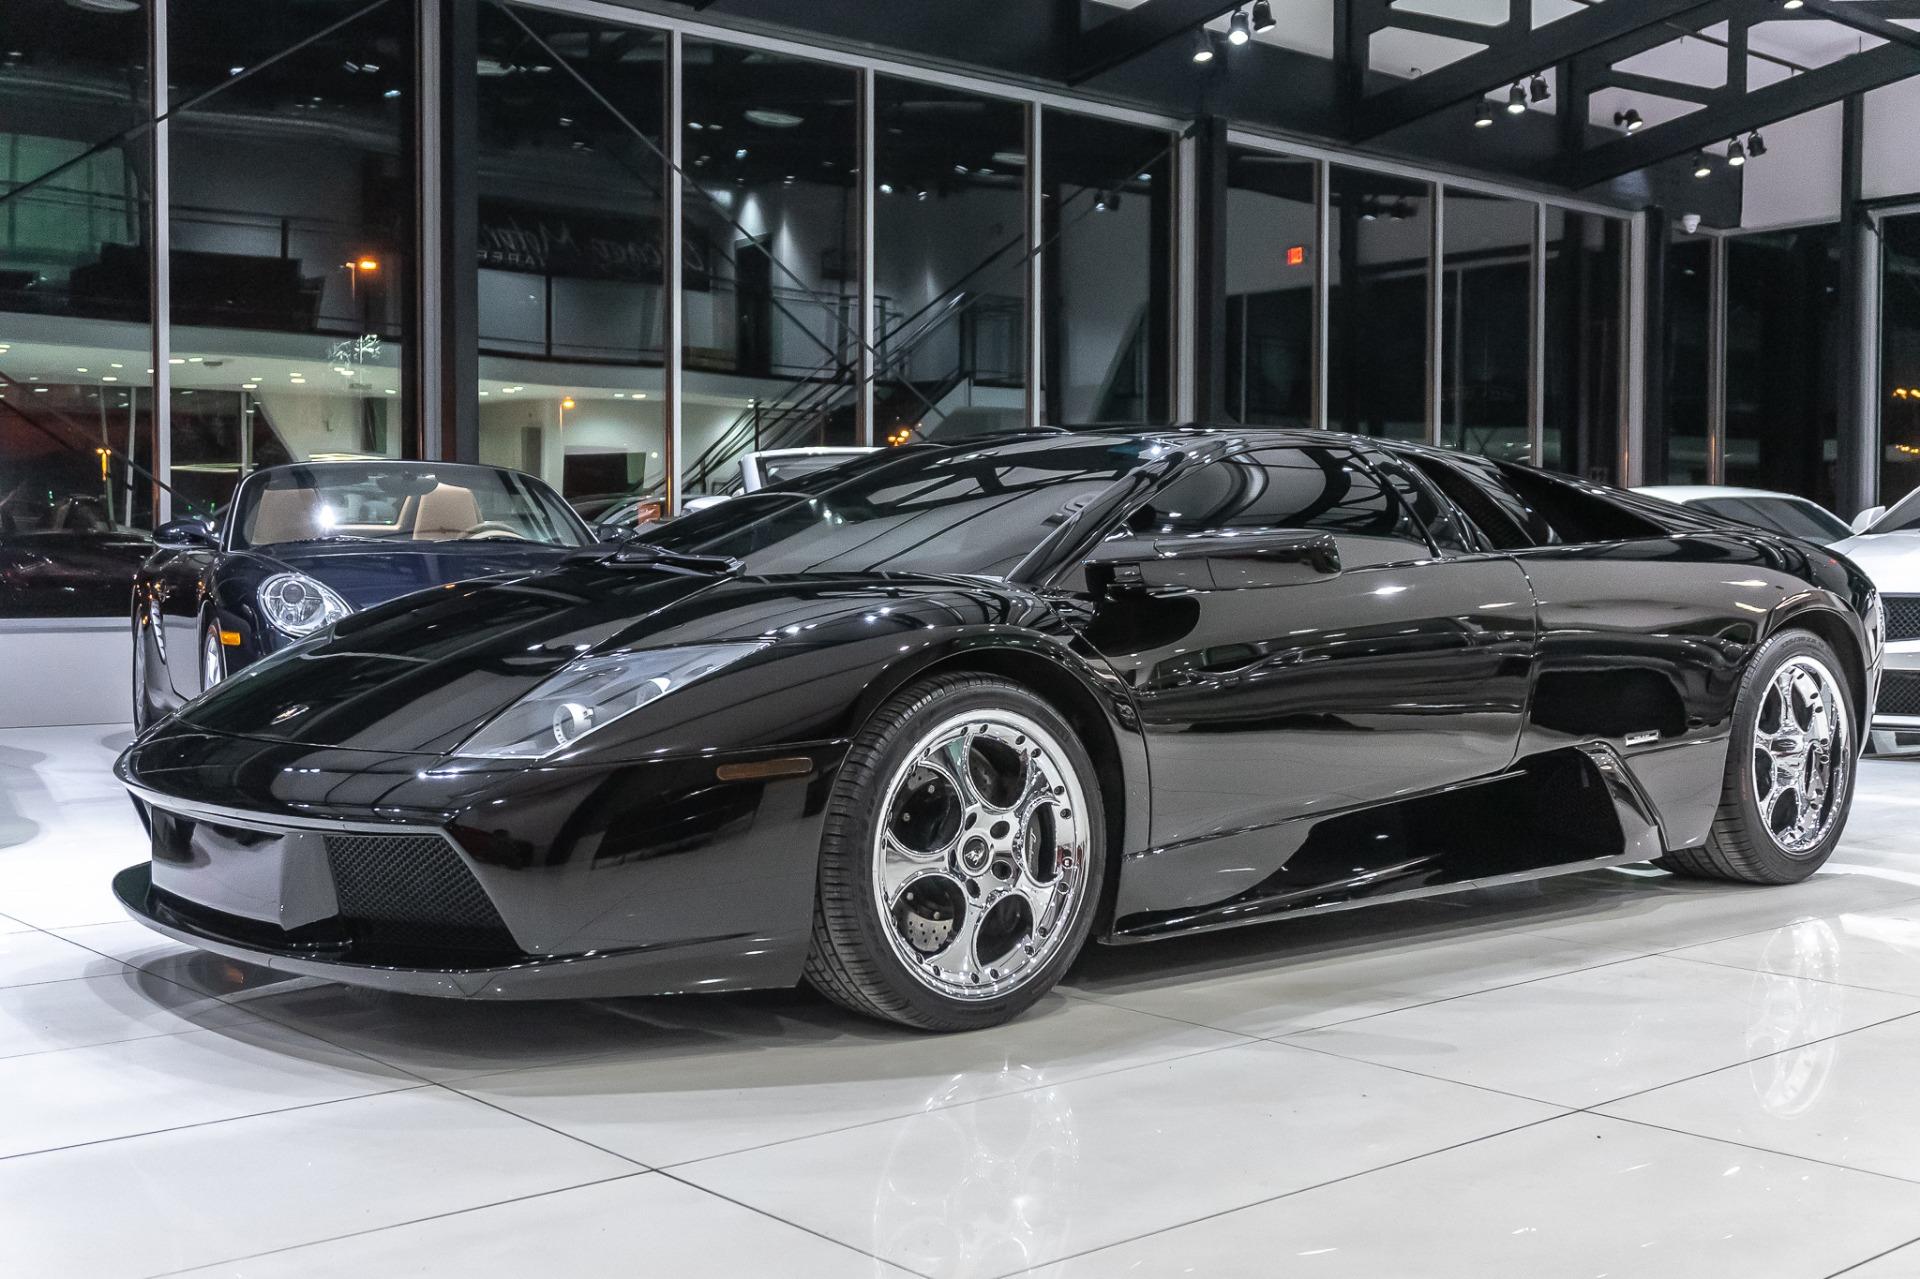 Used 2004 Lamborghini Murcielago Coupe 6 Speed Manual